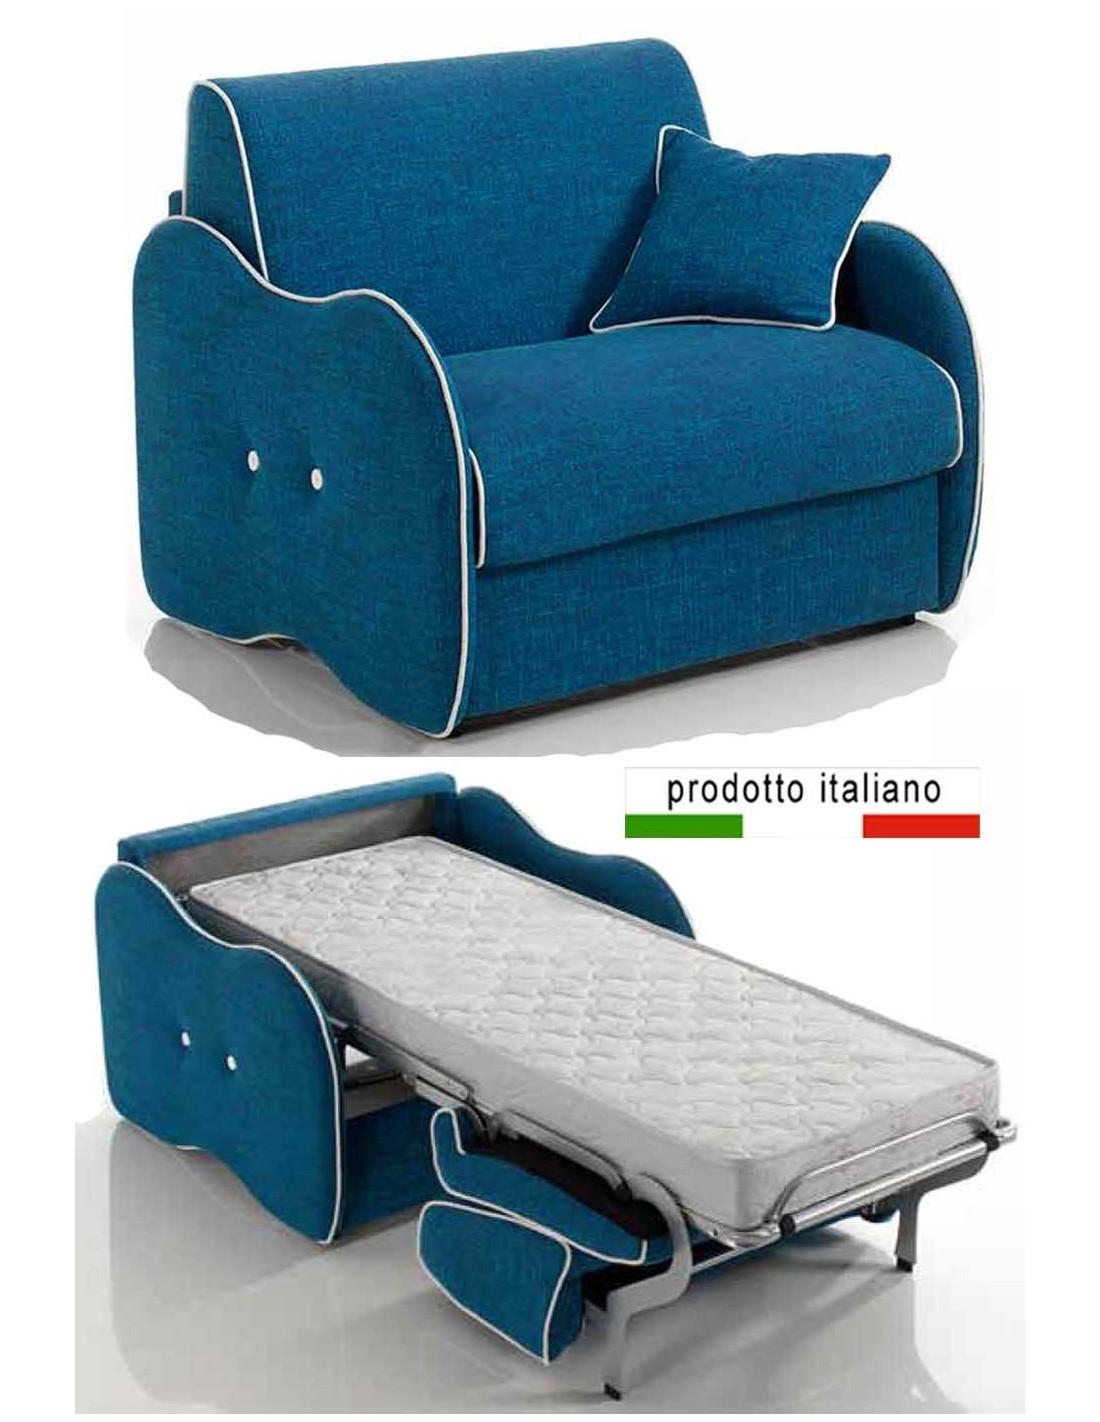 Poltroncina letto singola con materasso un posto incluso for Pronto letto mondo convenienza